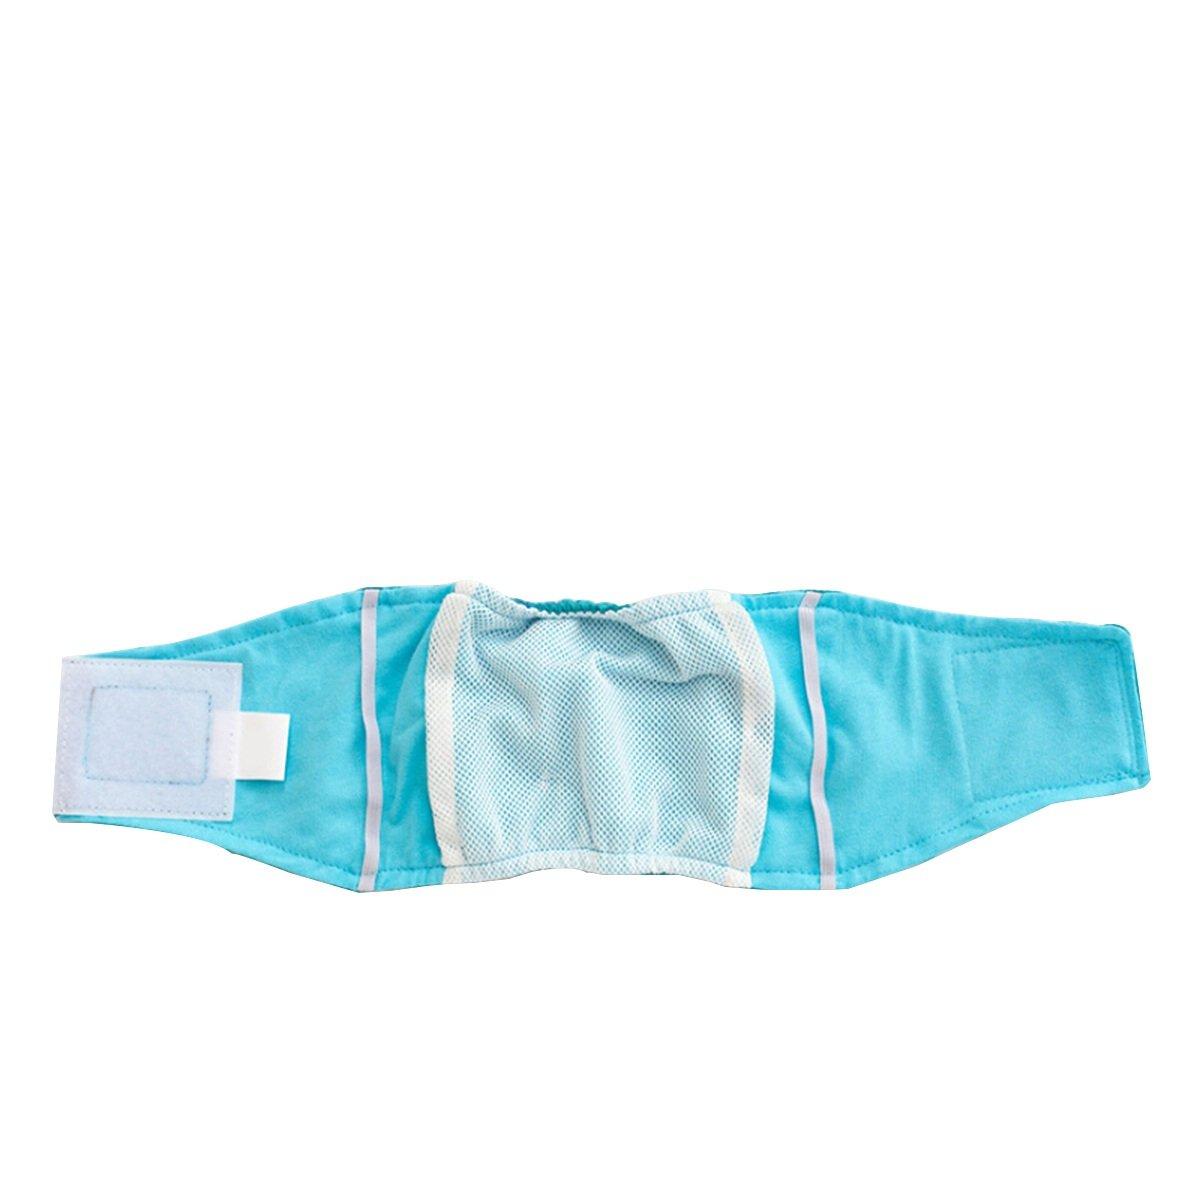 Couches pour chiens mâles UEETEK couches lavables culotte sanitaire chien - Taille XL (Vert)